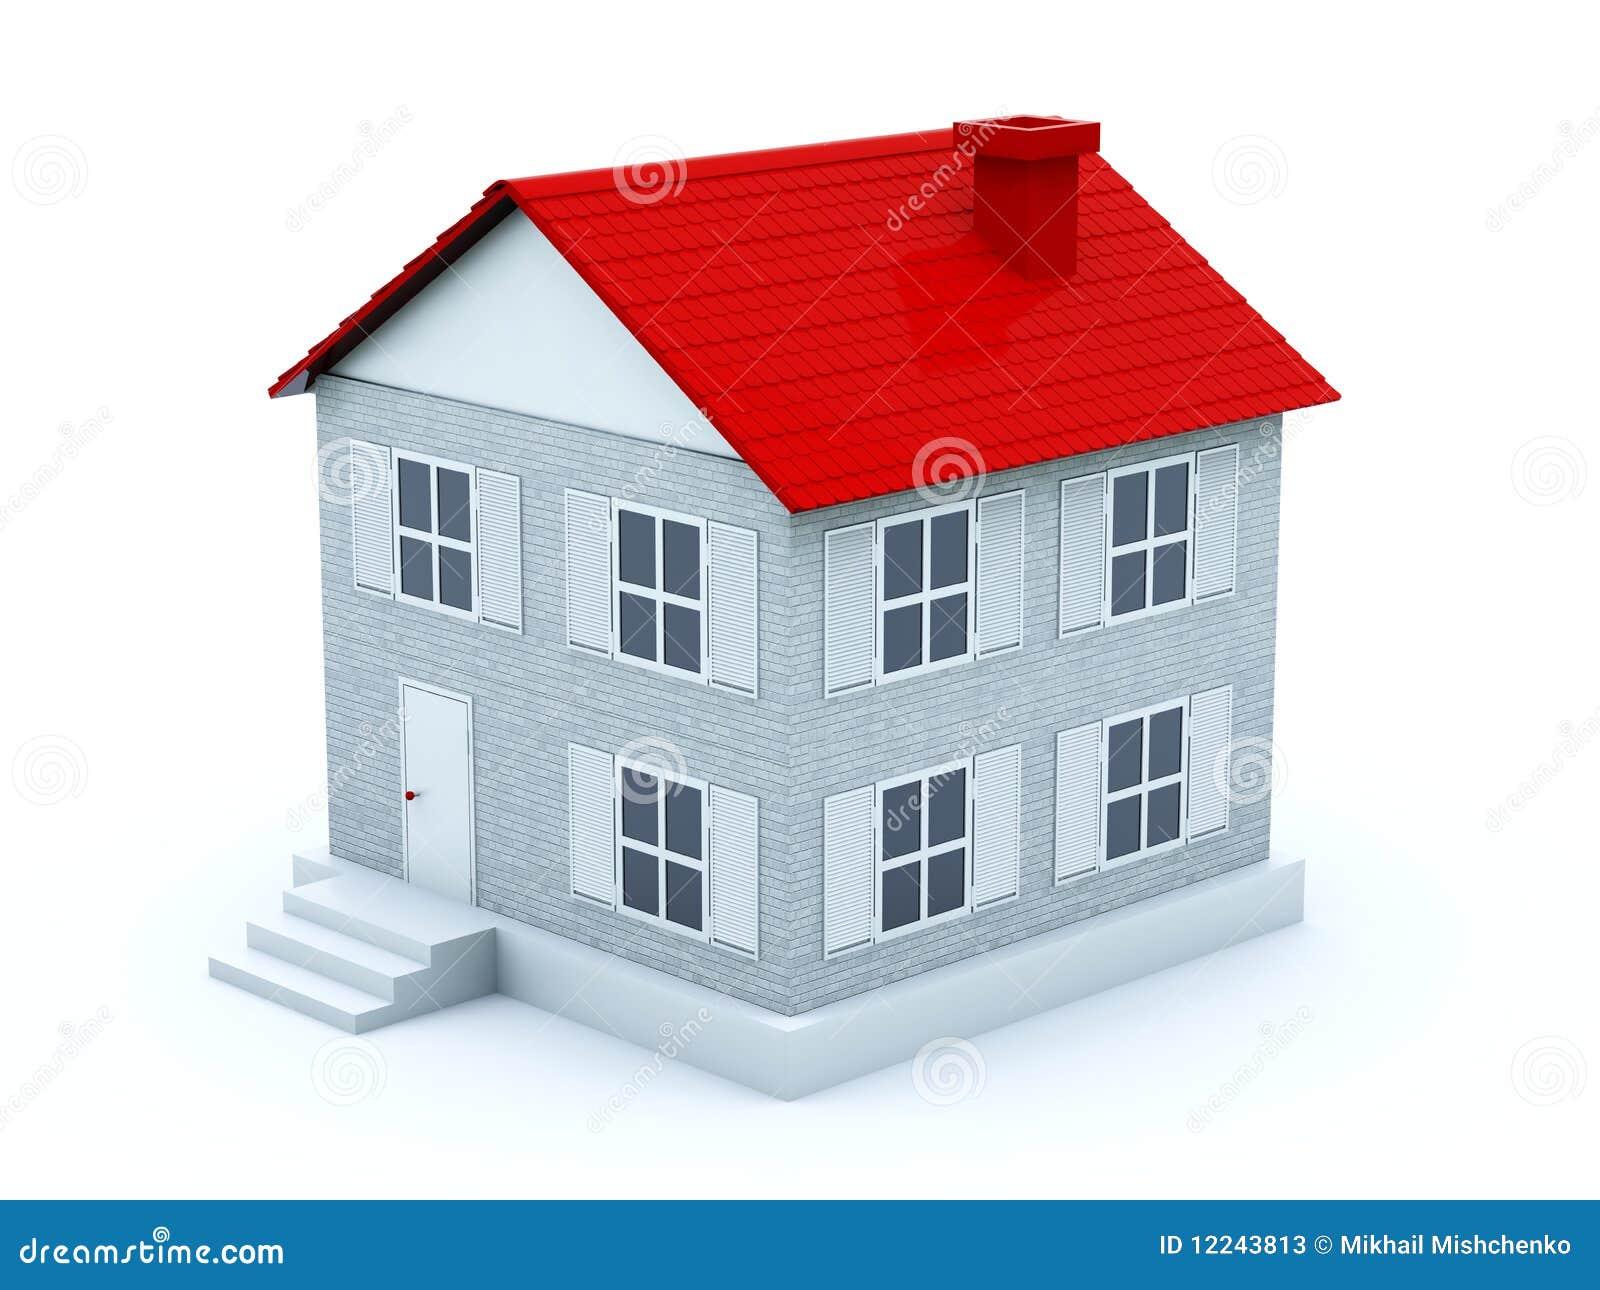 haus mit rotem dach stock abbildung illustration von konzept 12243813. Black Bedroom Furniture Sets. Home Design Ideas